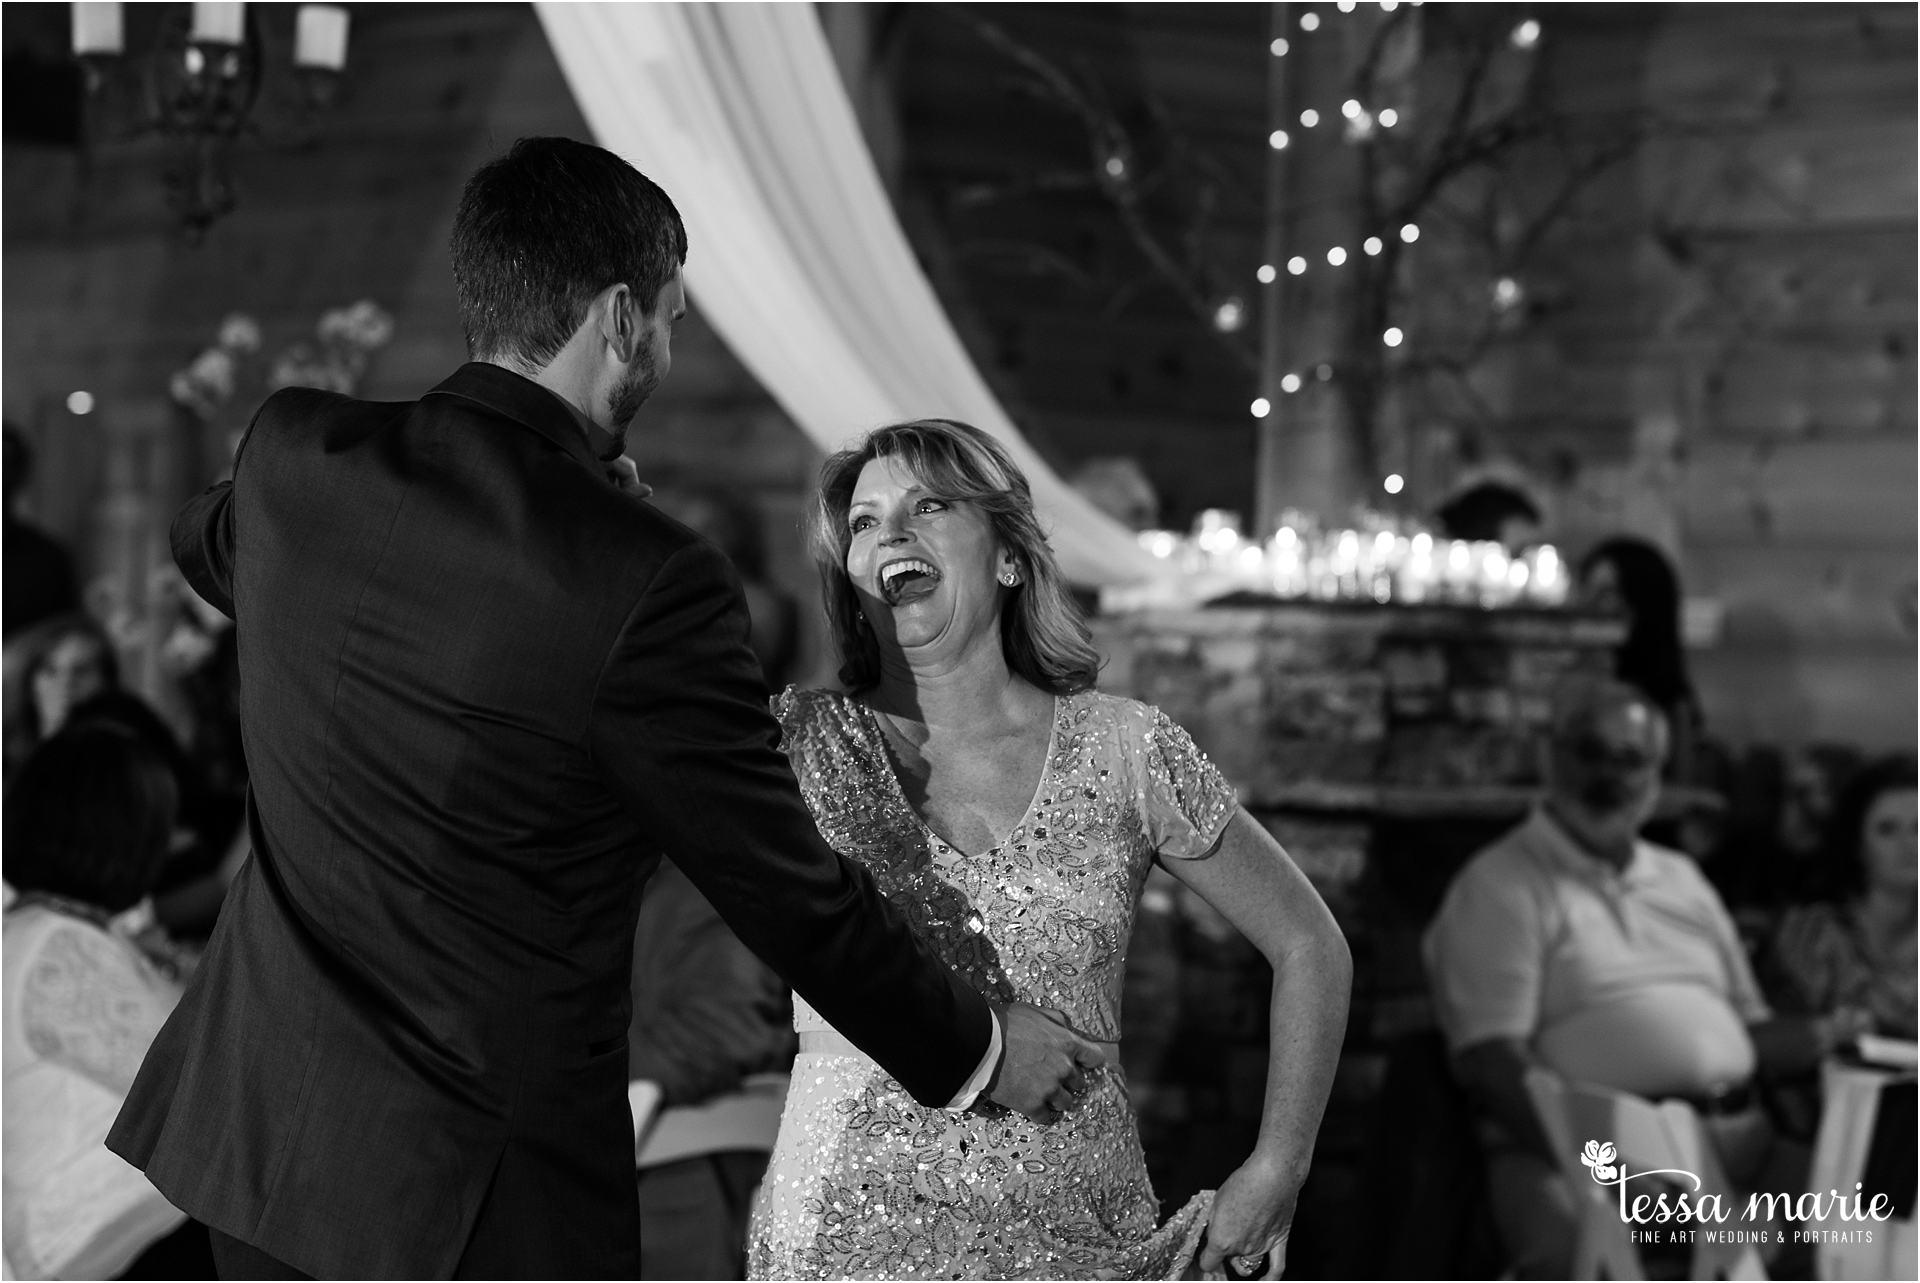 032216_brittany_kevin_wedding-163